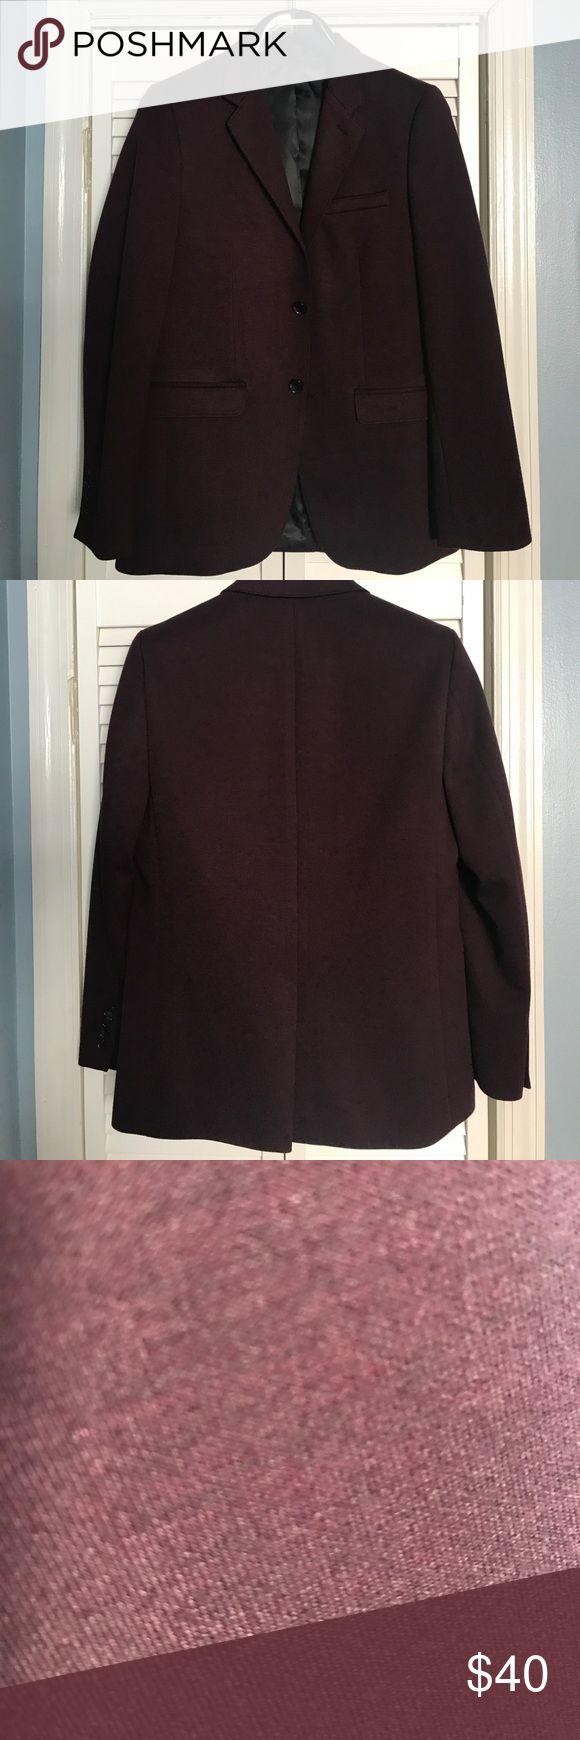 Best 25+ Mens burgundy blazer ideas only on Pinterest | Autumn ...